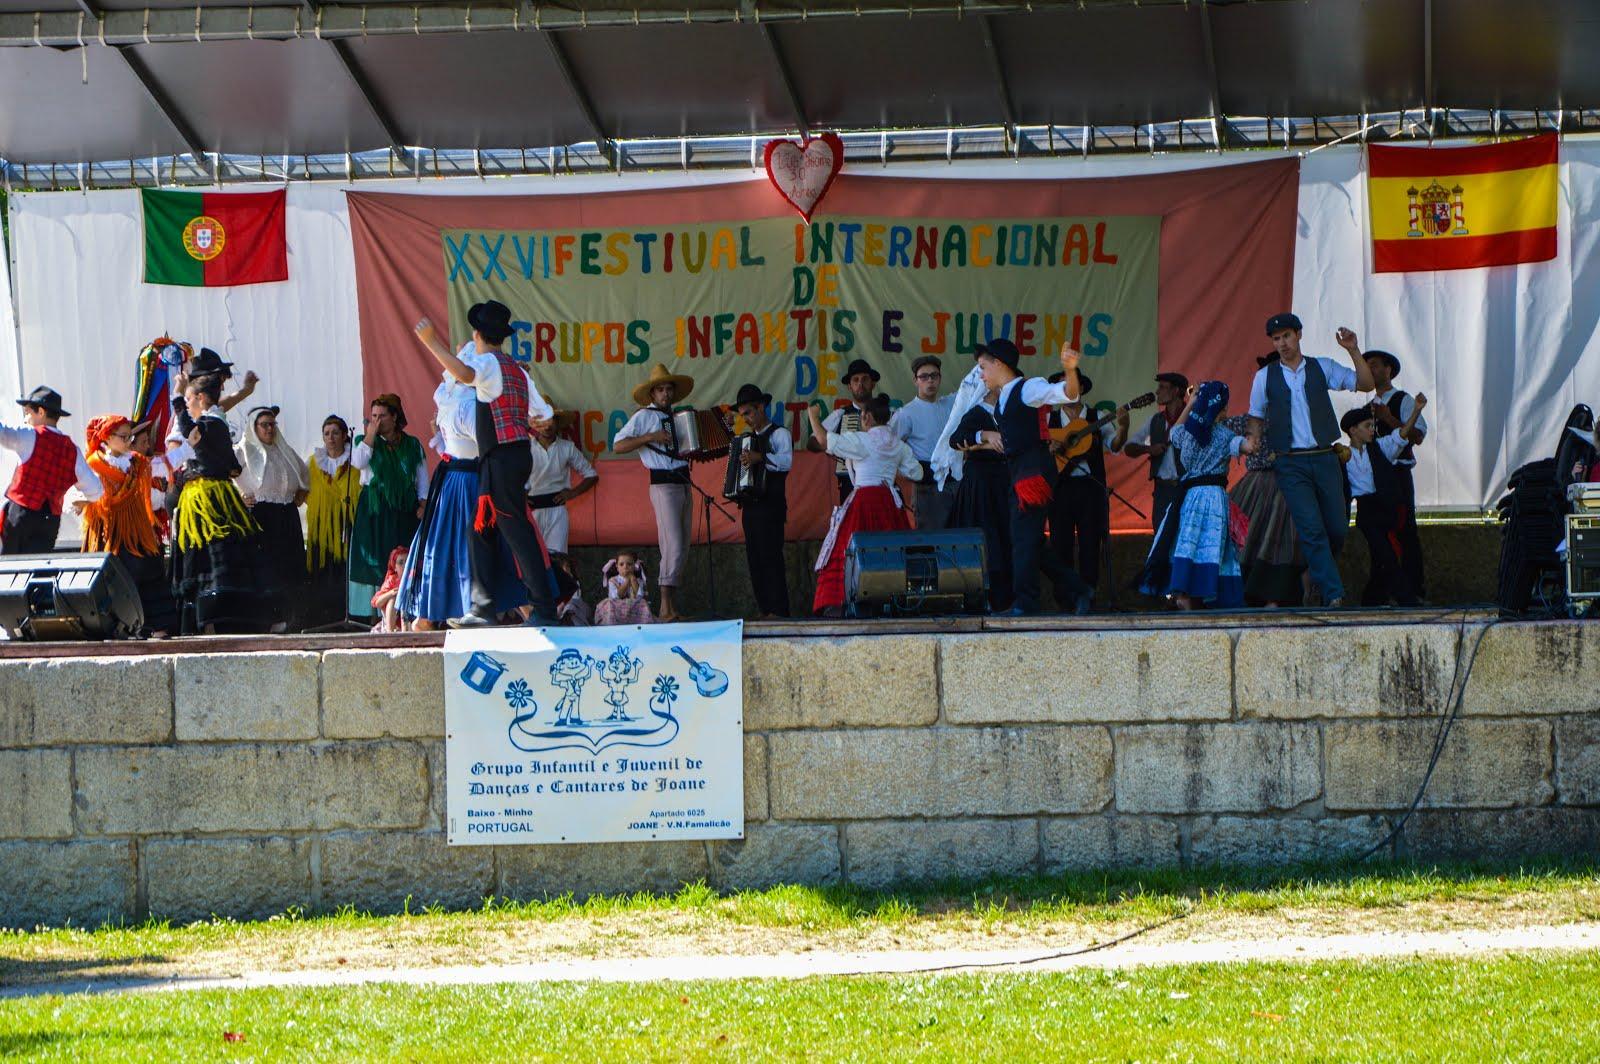 XXVI Festival Internancional de Grupos Infantis e Juvenis de Danças e Cantares Regionais